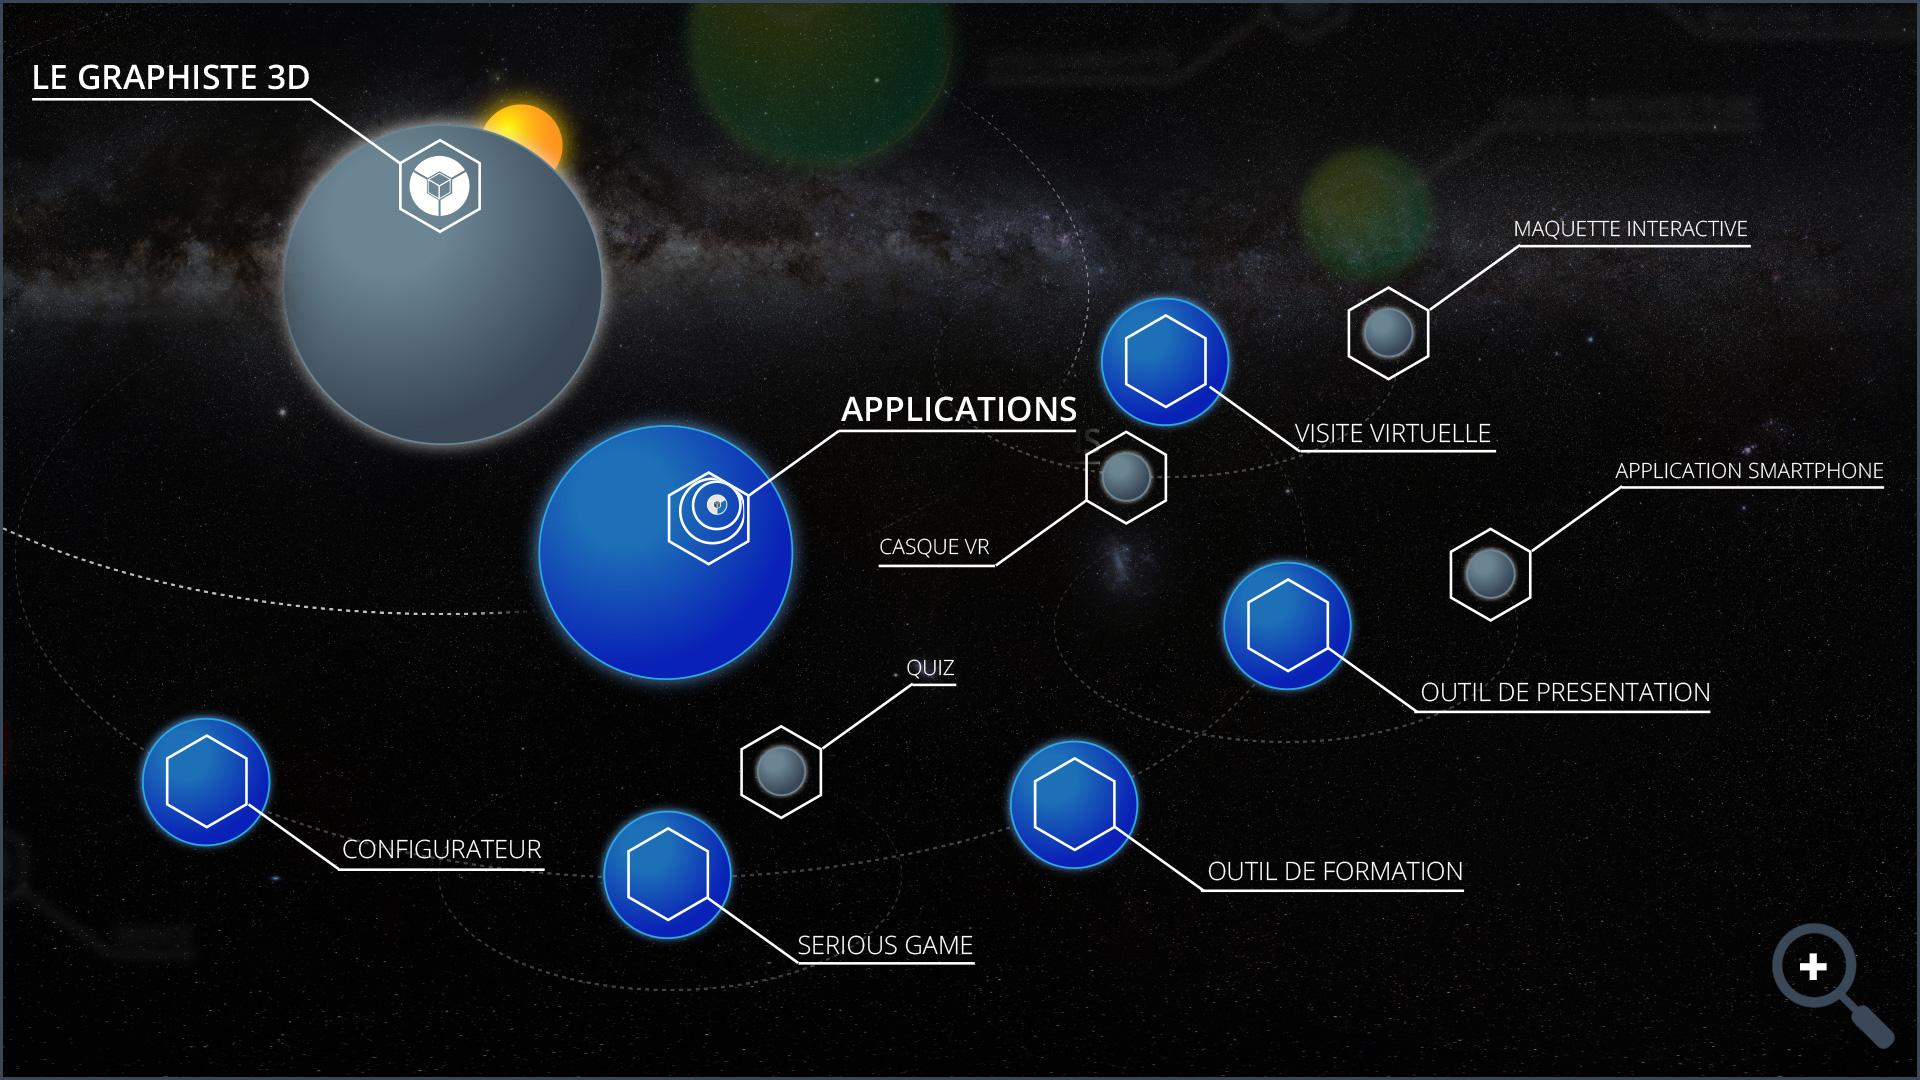 Réalisations - Applications - Le Graphiste 3D